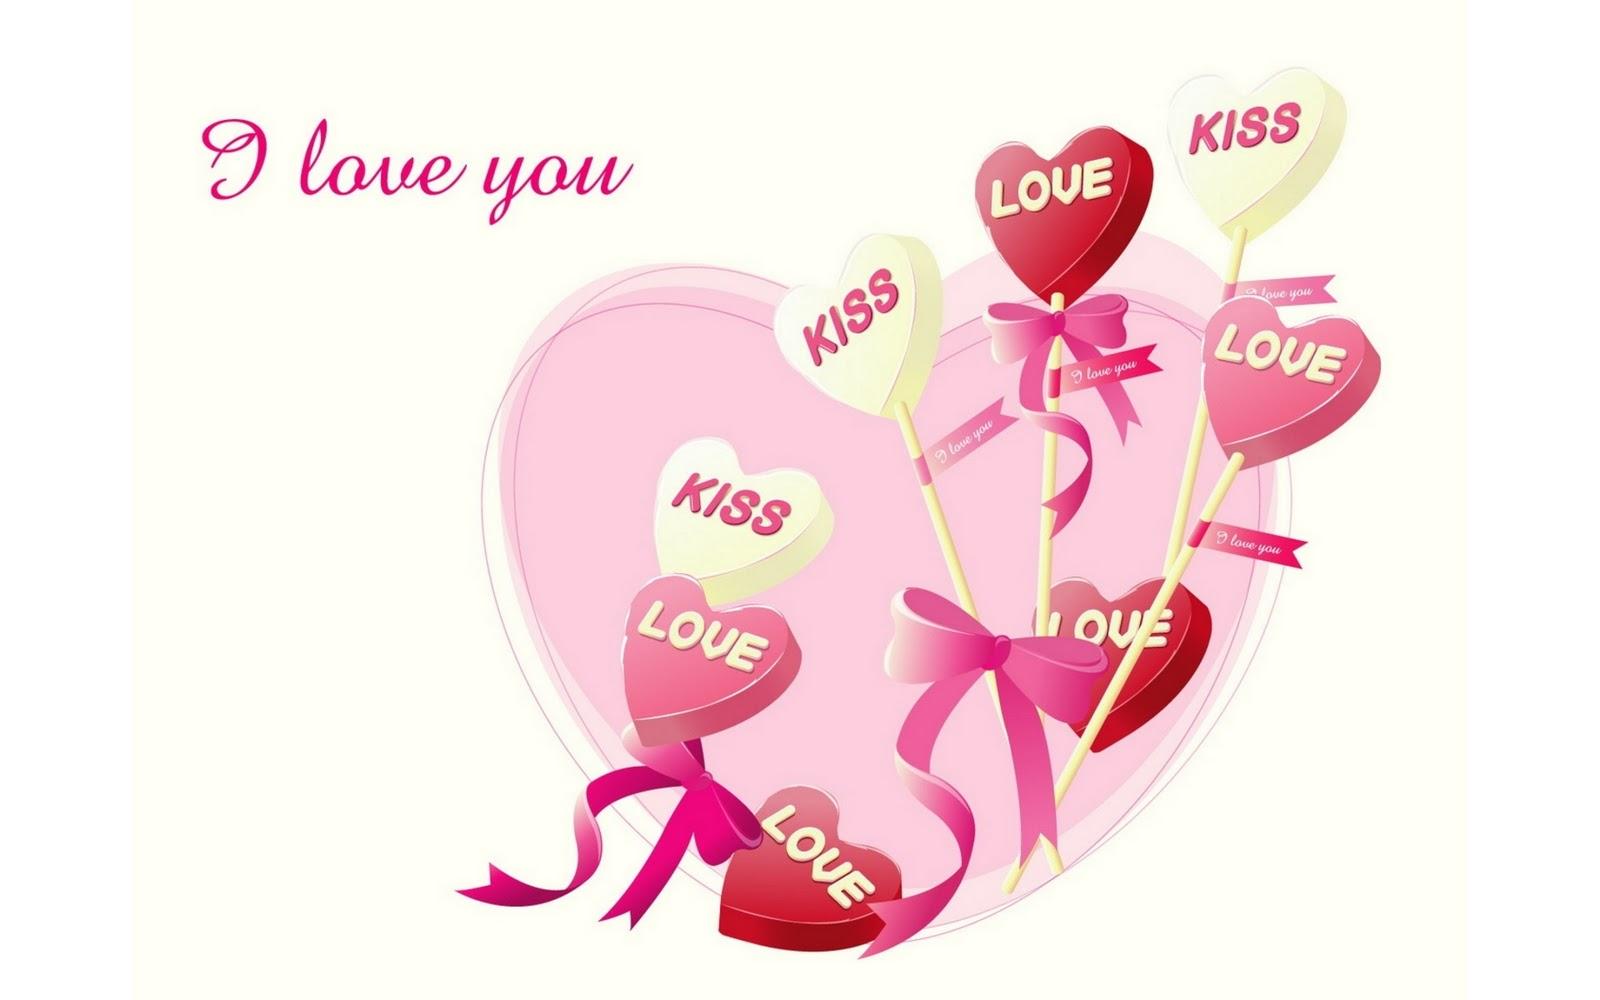 http://1.bp.blogspot.com/-dxcu4w9gGcU/TvFsK3FwfDI/AAAAAAAADuw/mHrcYFNqBEY/s1600/love+heart+candy+wallpaper+-+www.wallpaperjug.blogspot.com.jpg